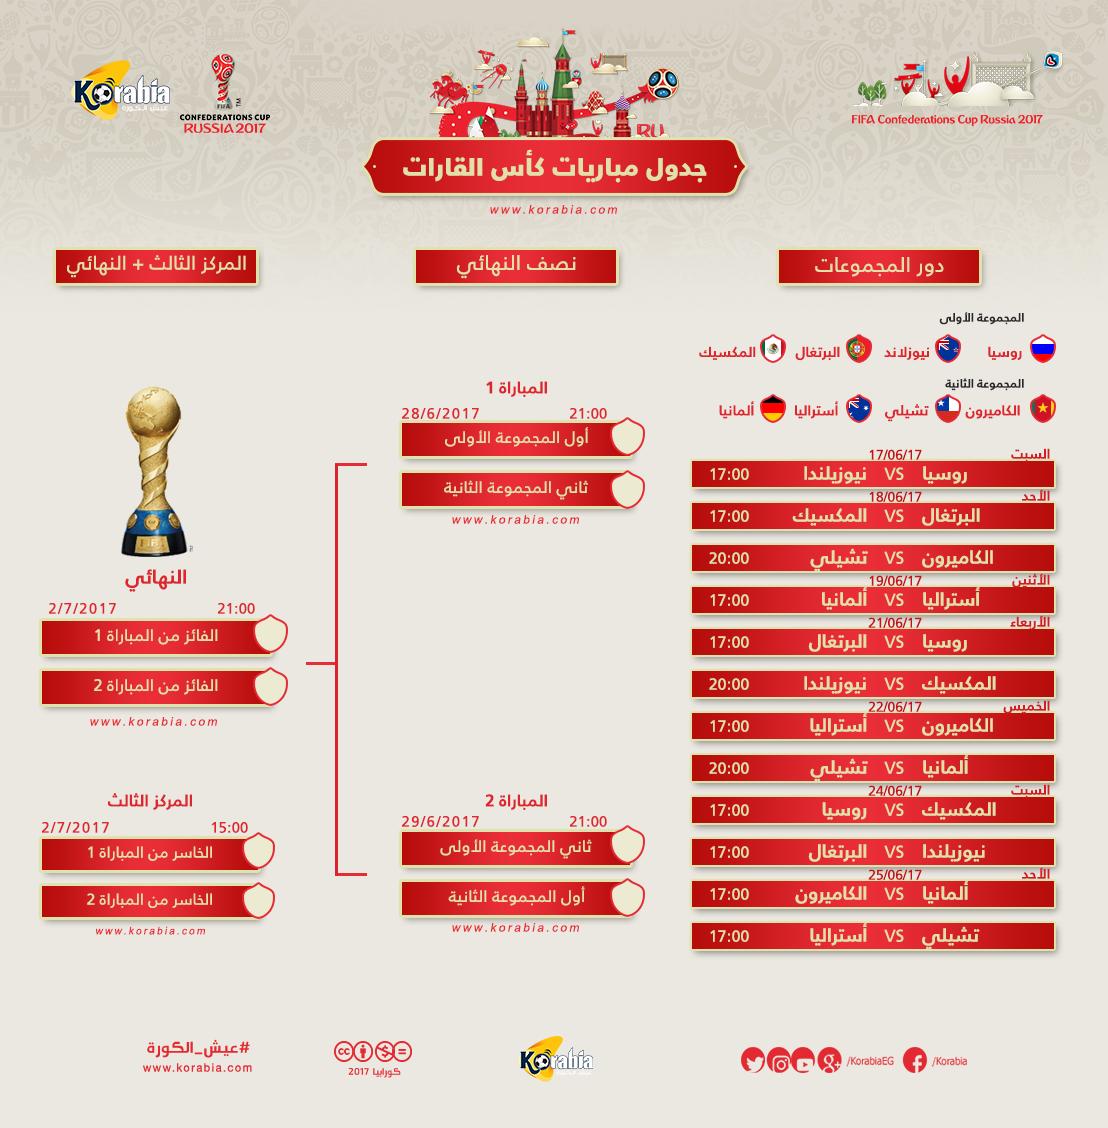 تعرف على مواعيد مباريات رونالدو وأبطال العالم في كأس القارات